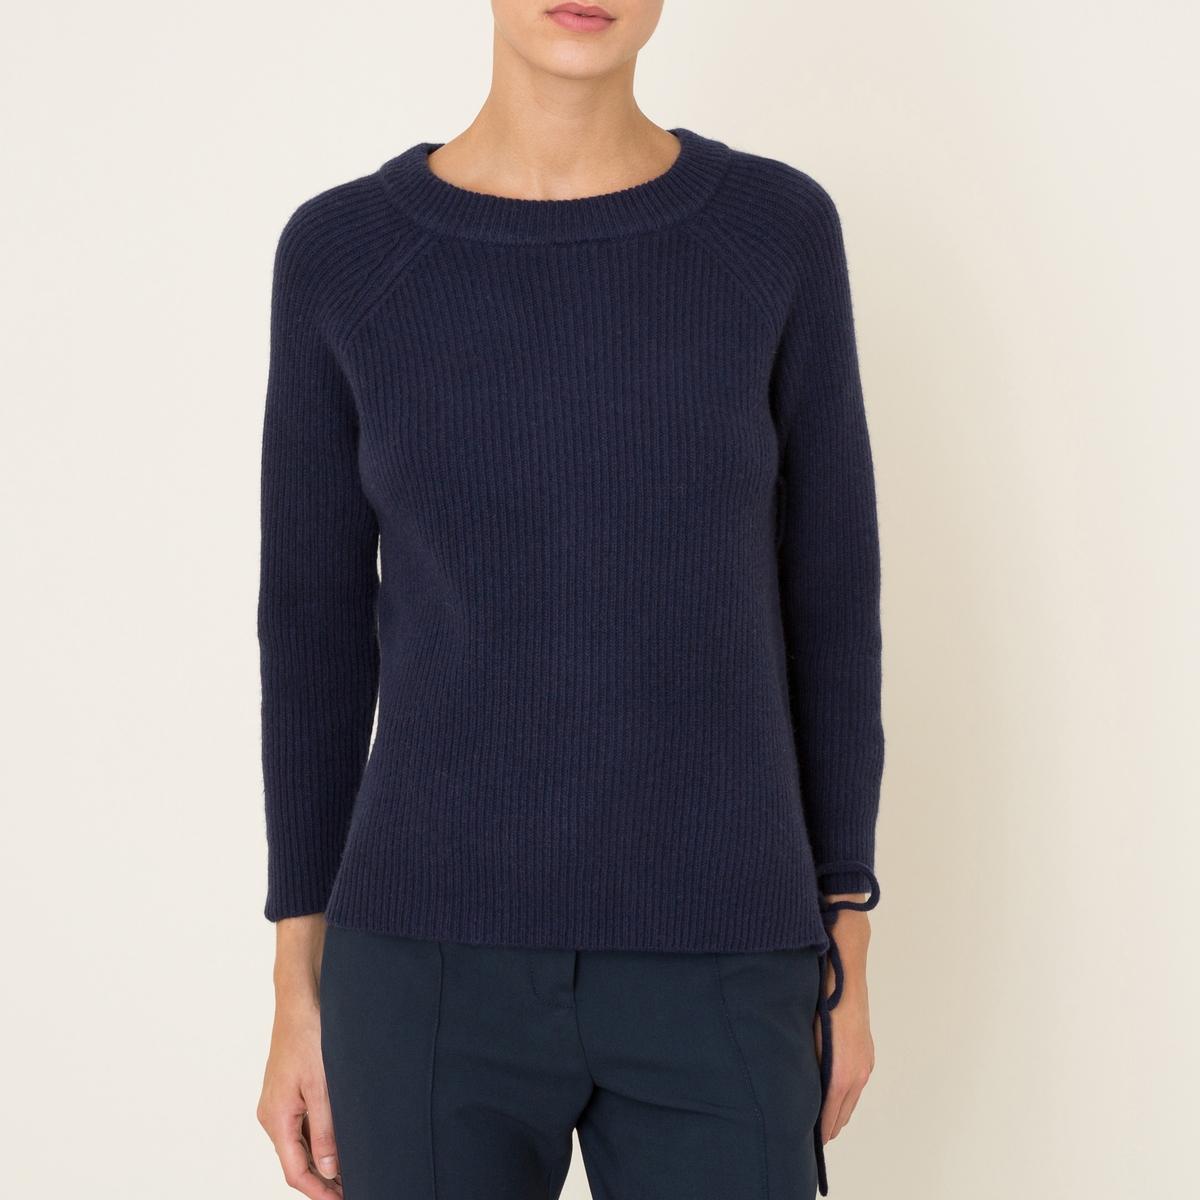 Пуловер MINUSСостав и описание    Материал : 95% шерсти, 5% кашемира   Металлические люверсы с покрытием медью   Марка : BA&amp;SH<br><br>Цвет: темно-синий